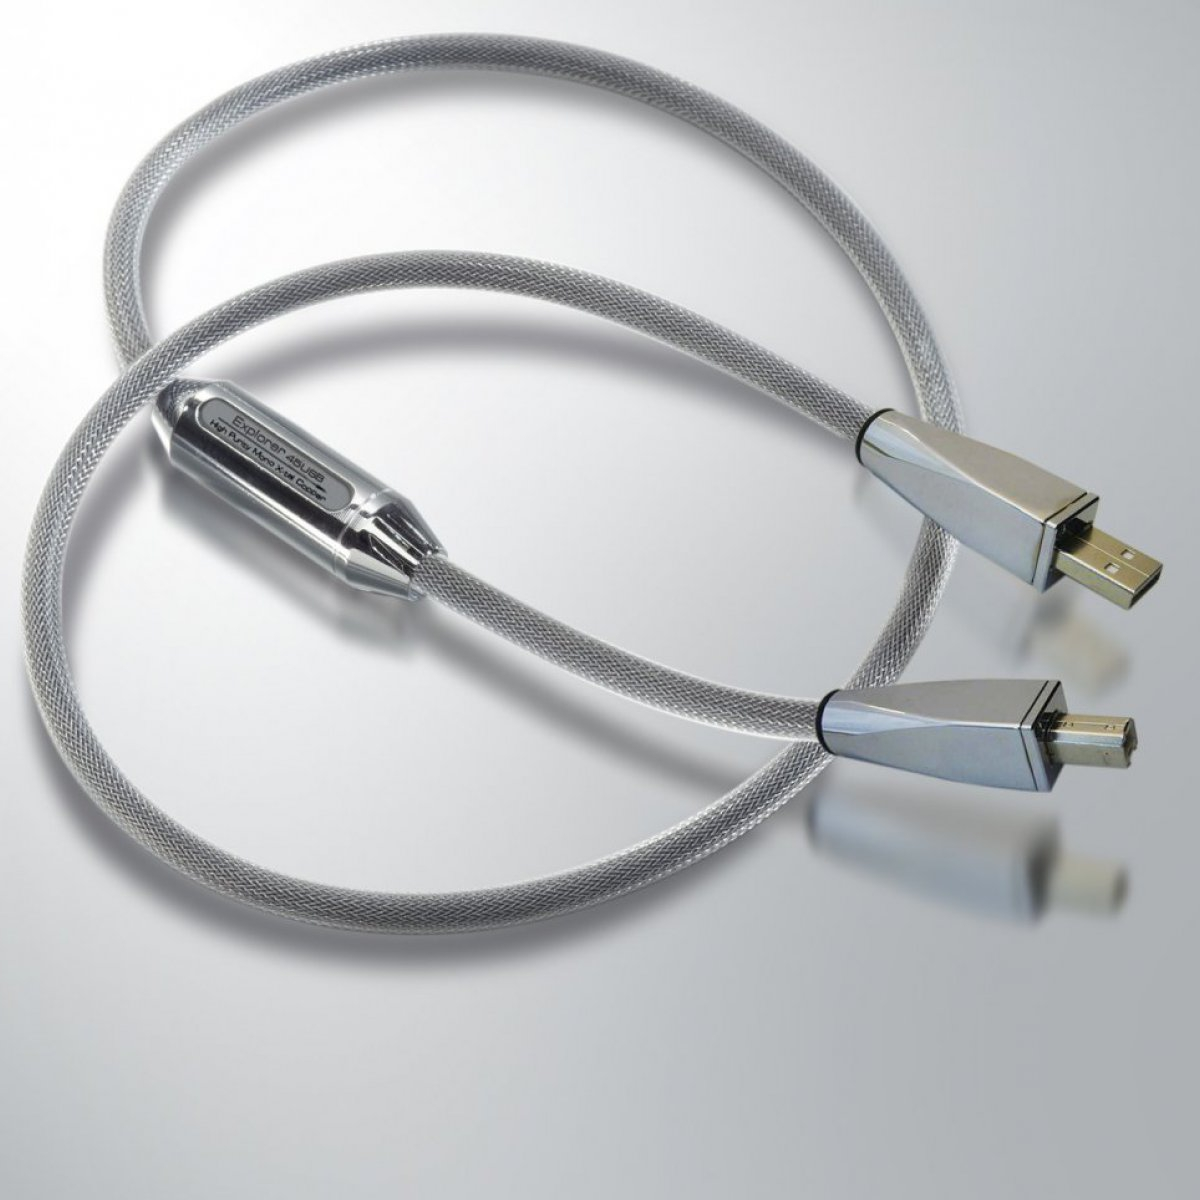 Siltech Explorer 45 USB Audio Cable